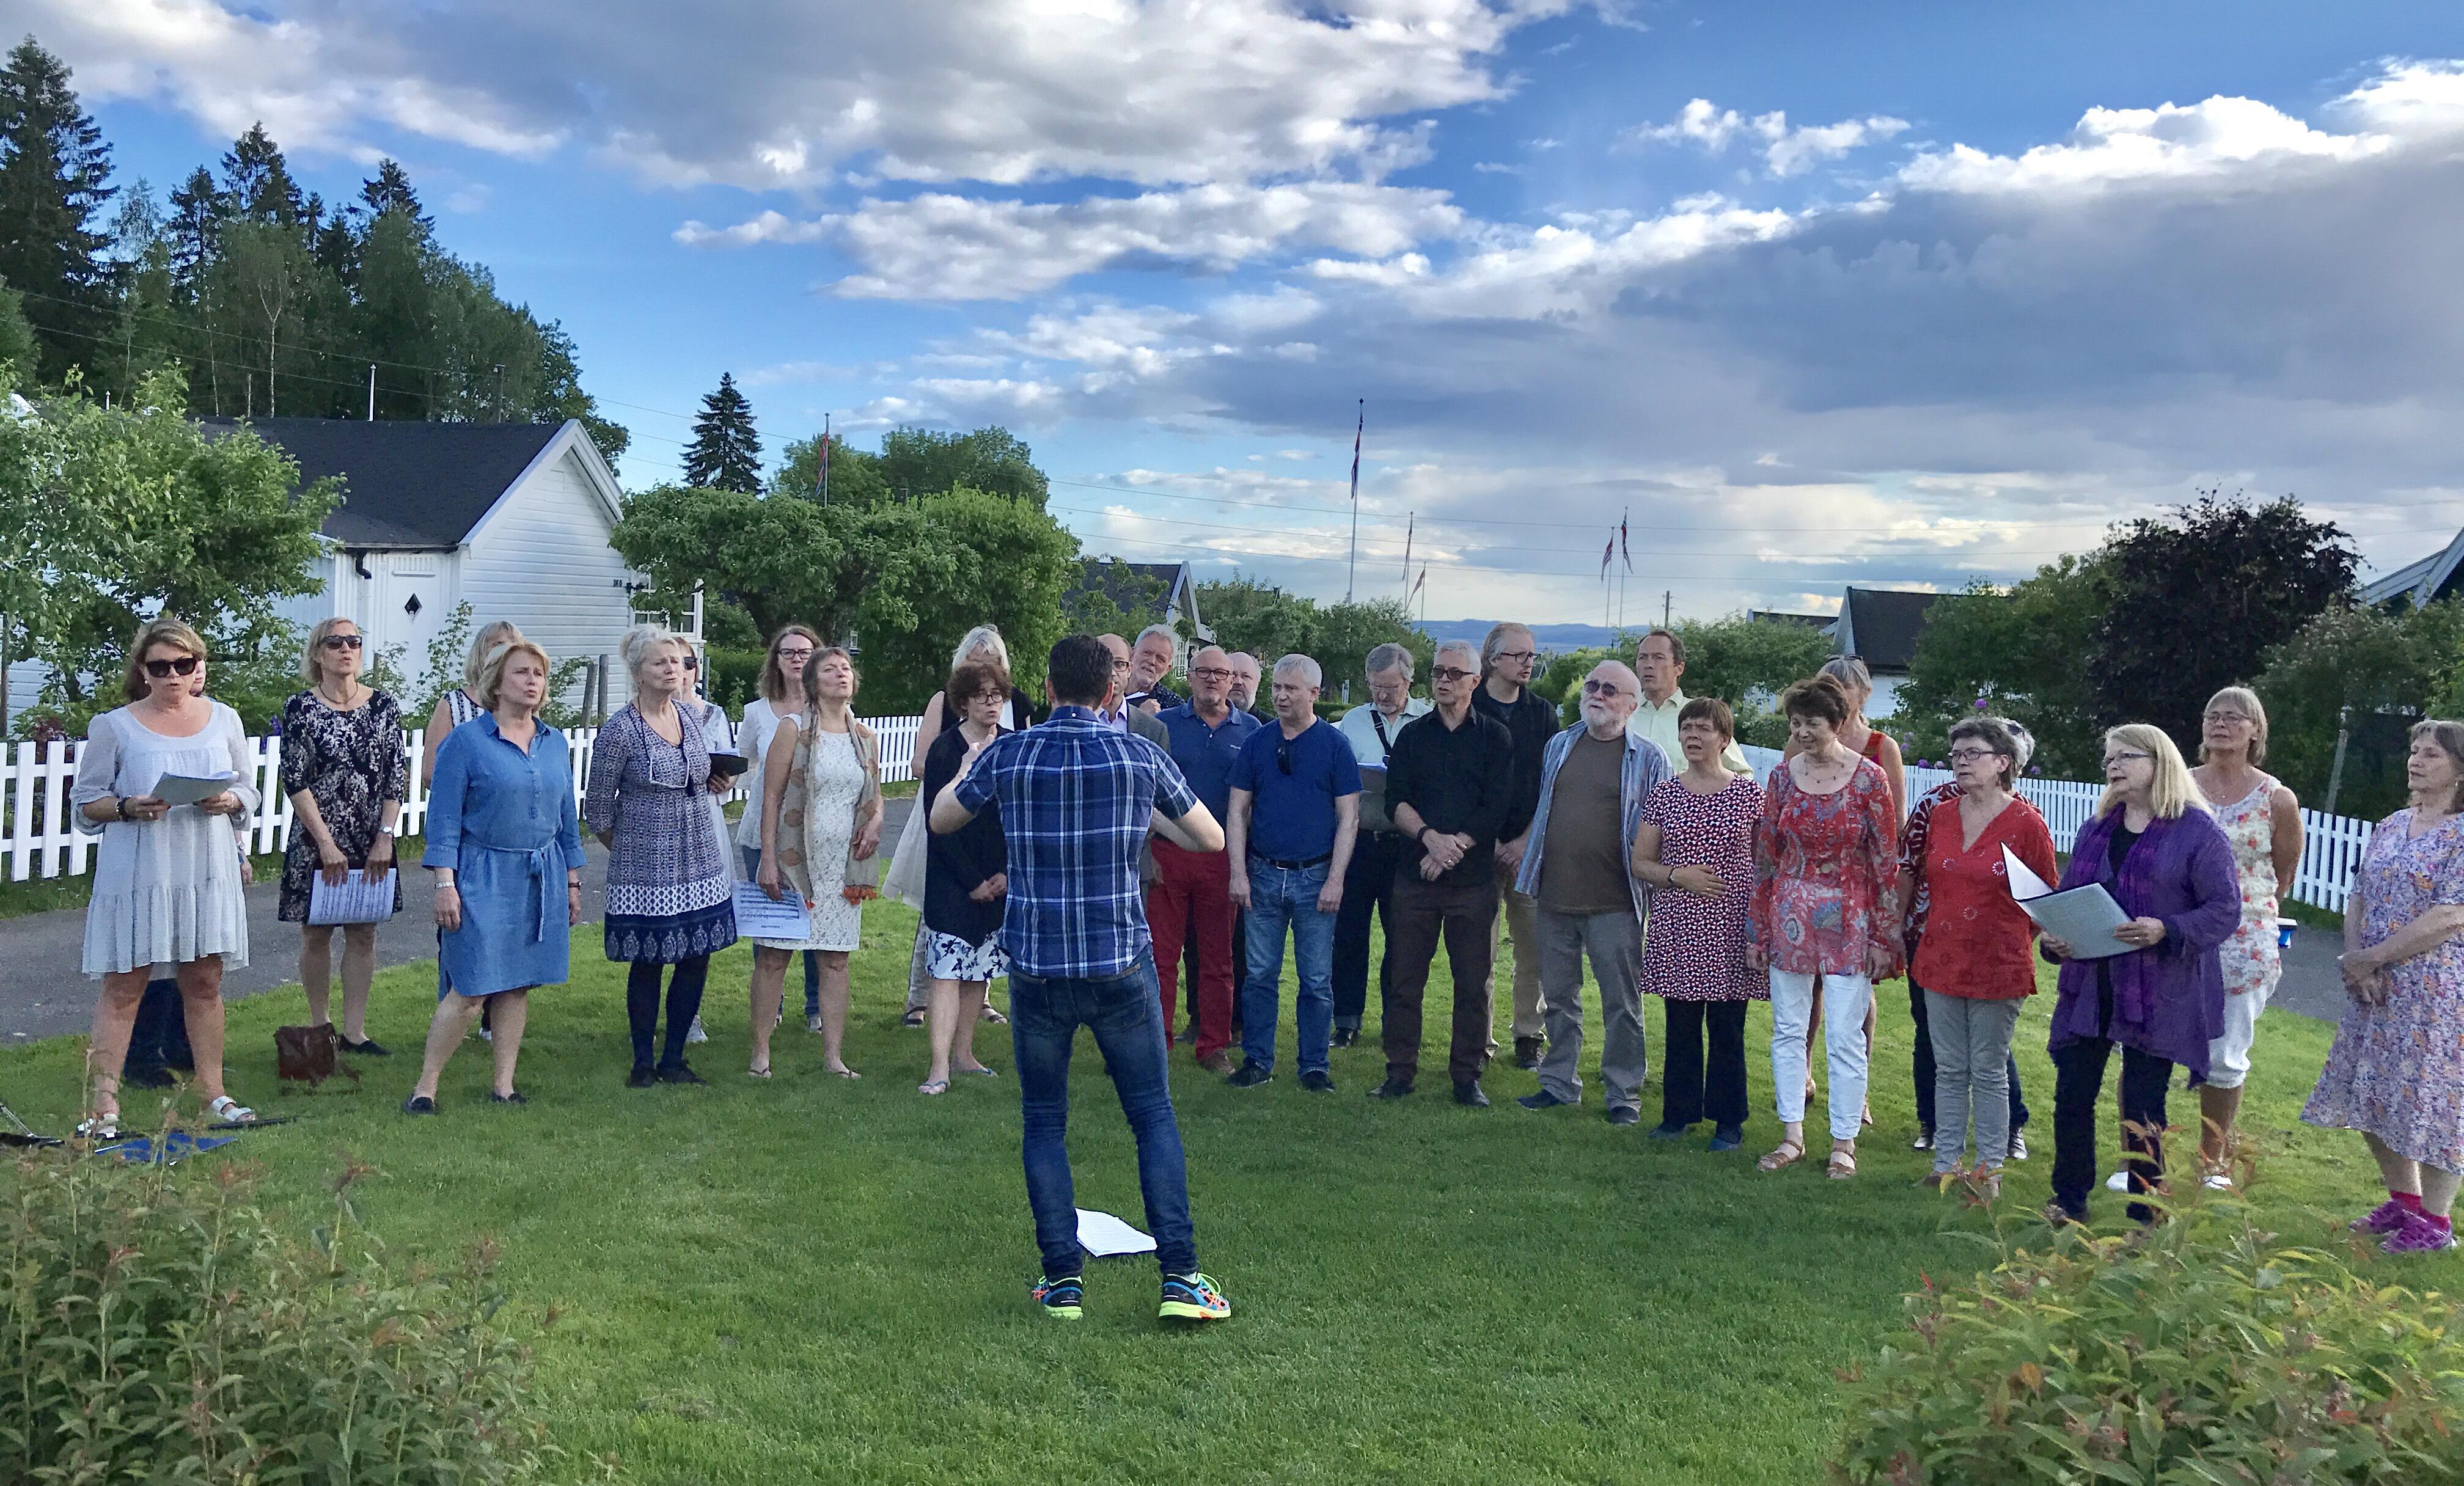 Konsert Solvang hagekoloni